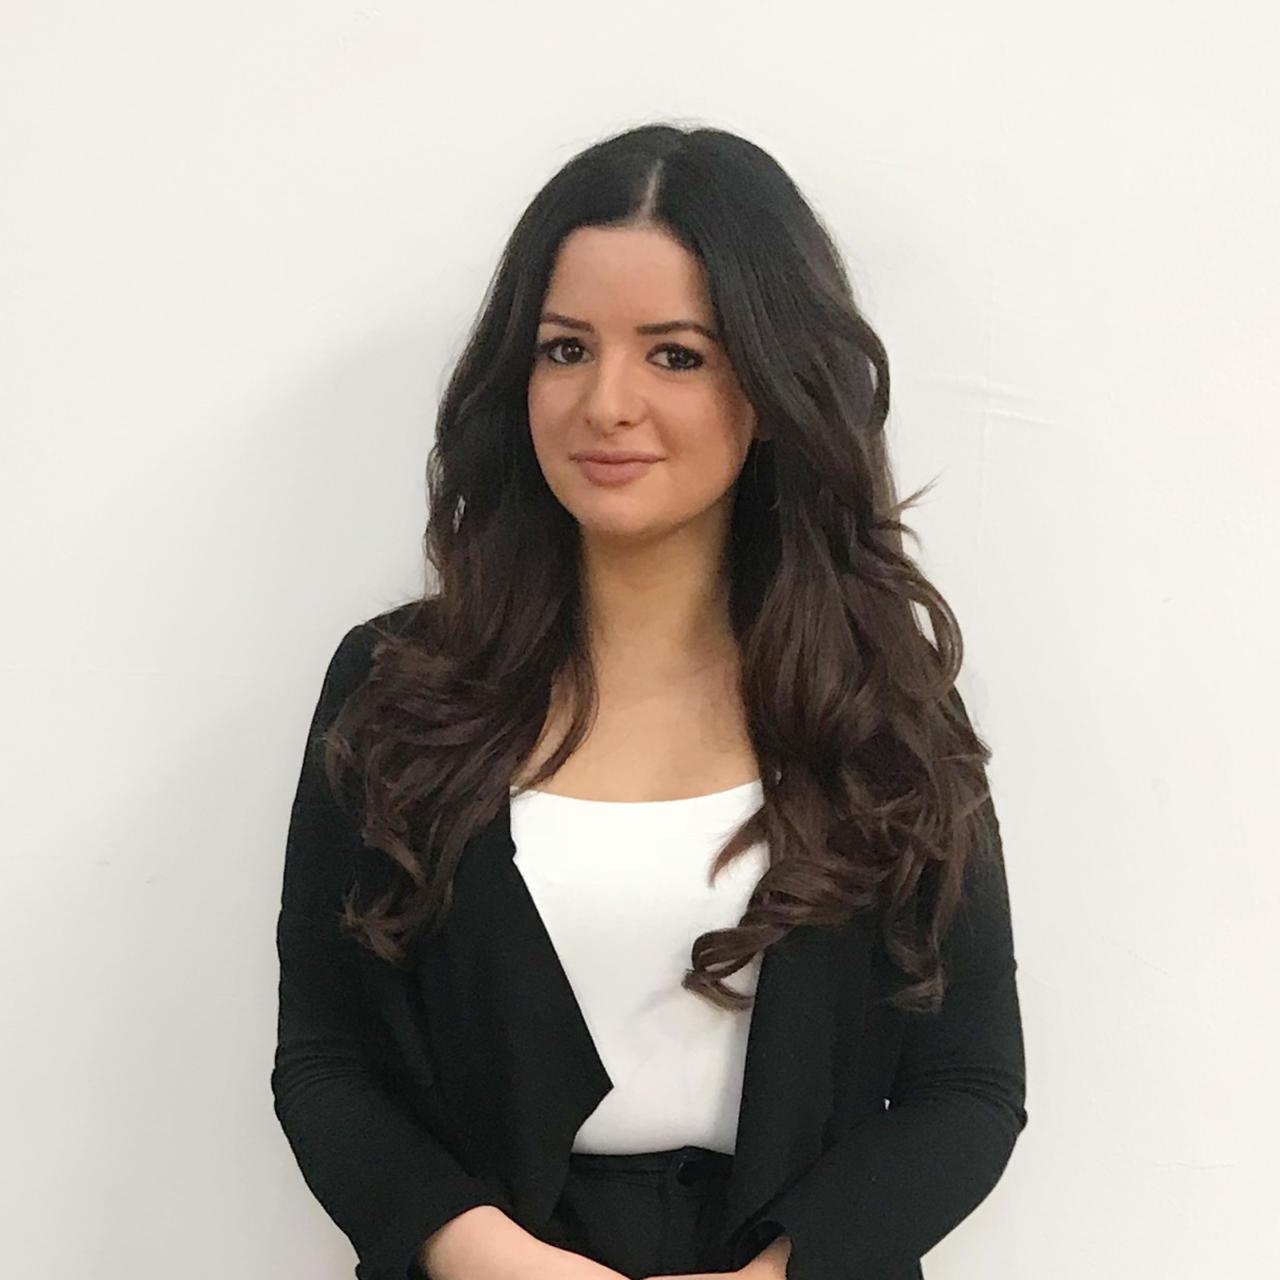 Louisa Kanawidis